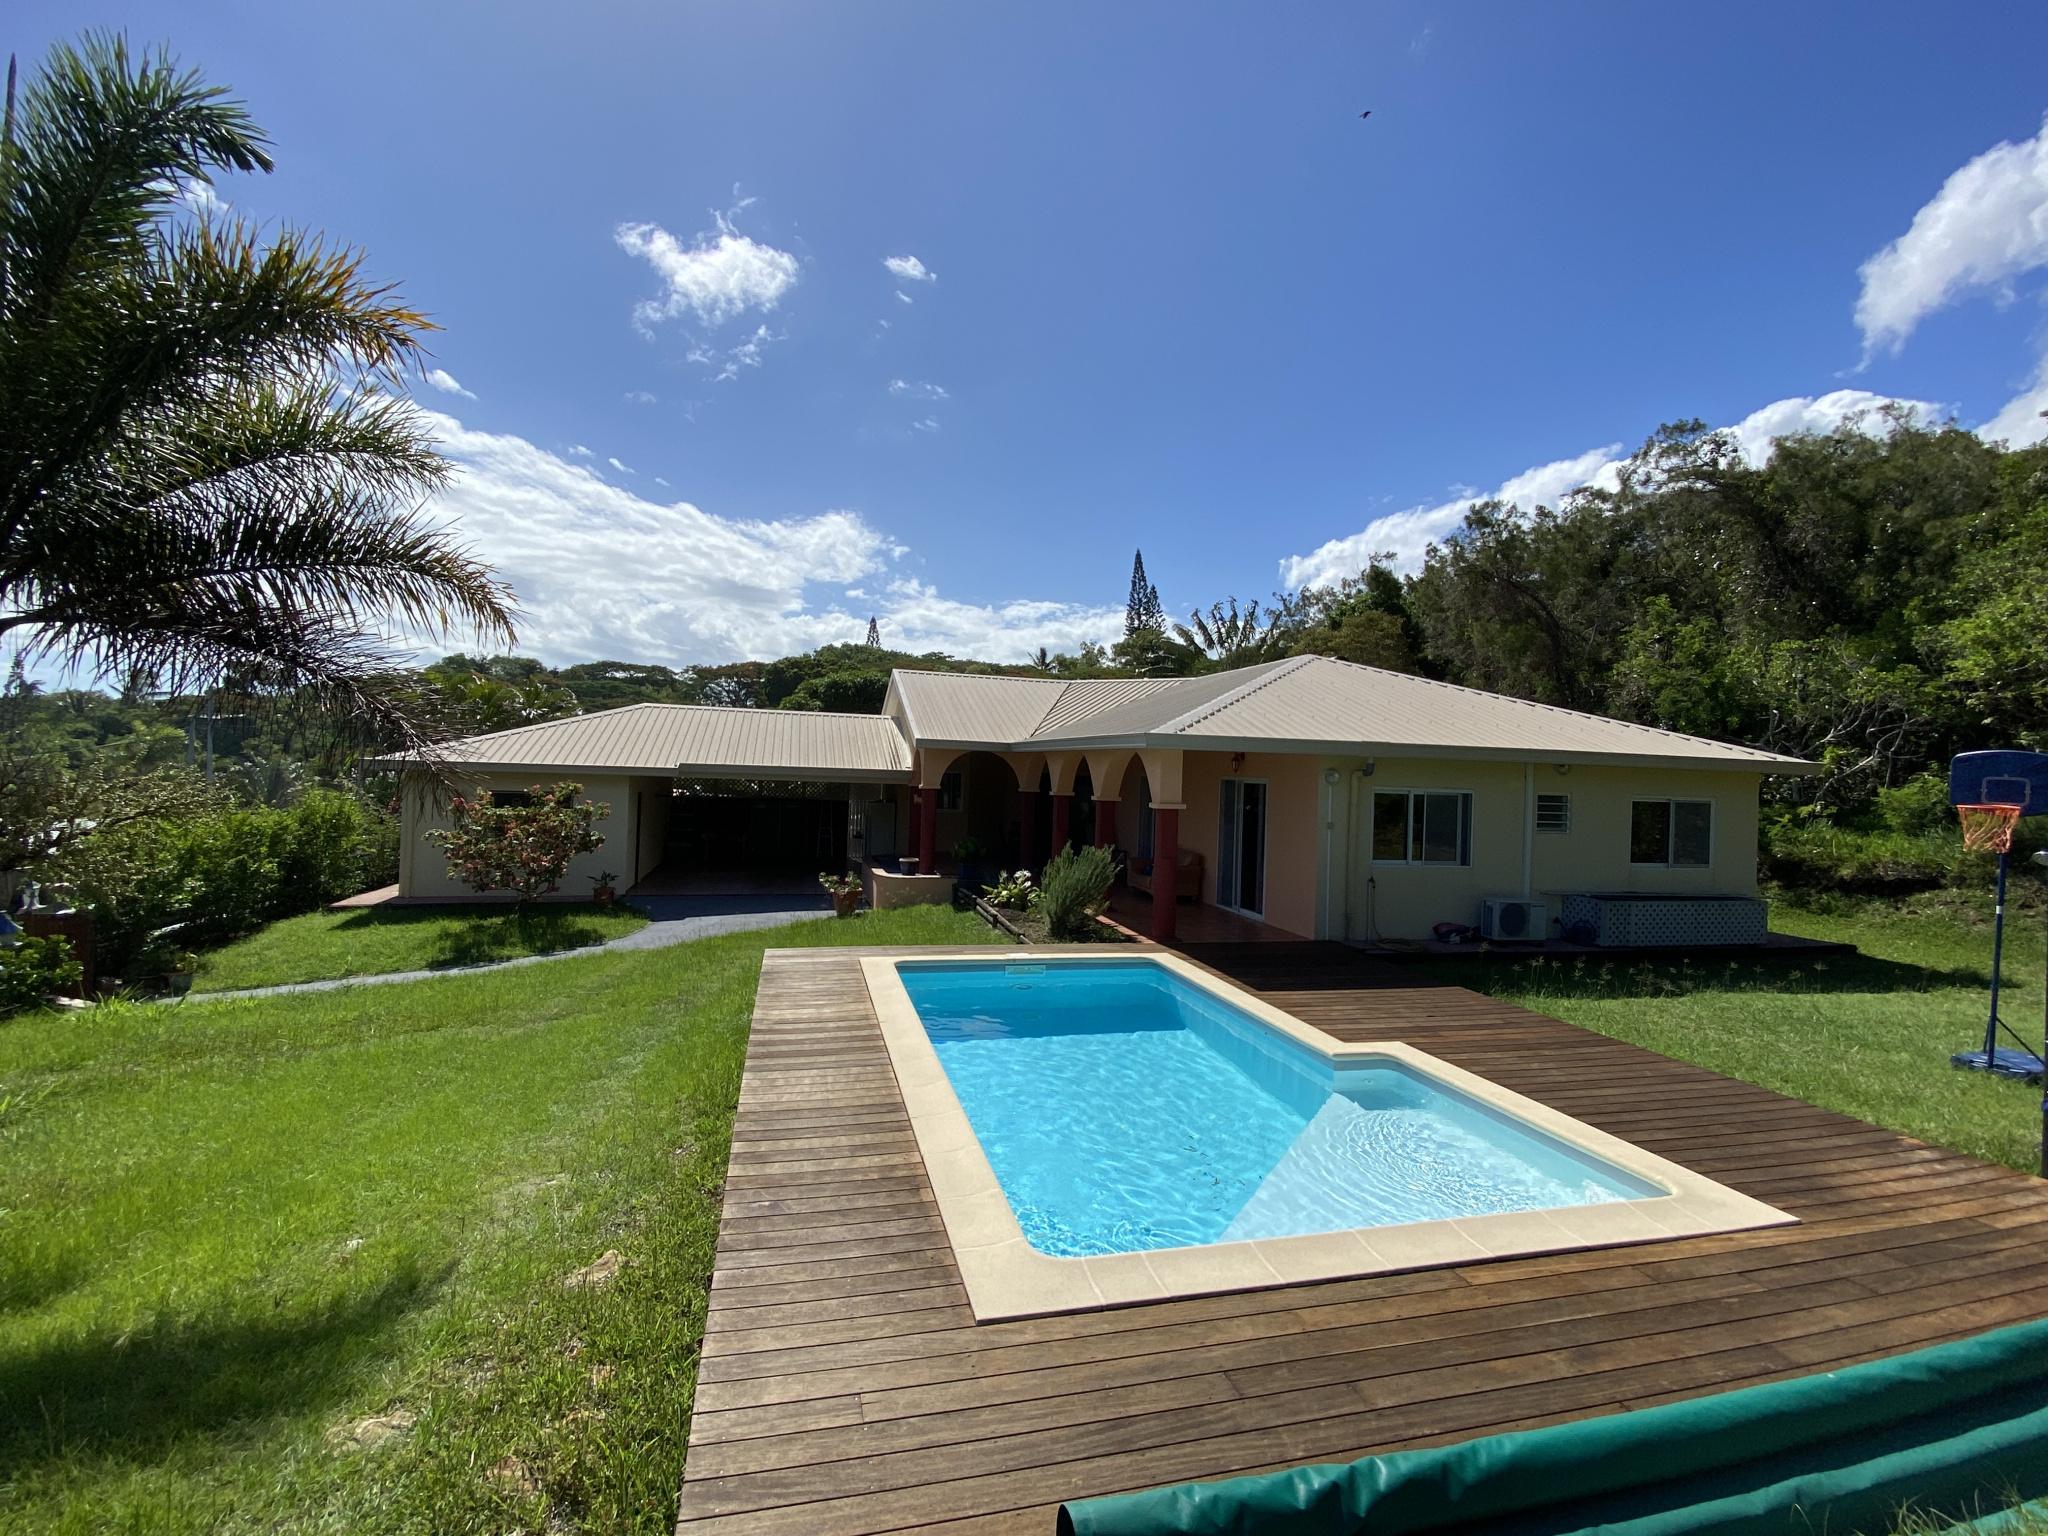 Vue avec piscine, jardin bien entretenu et maison en arrière plan